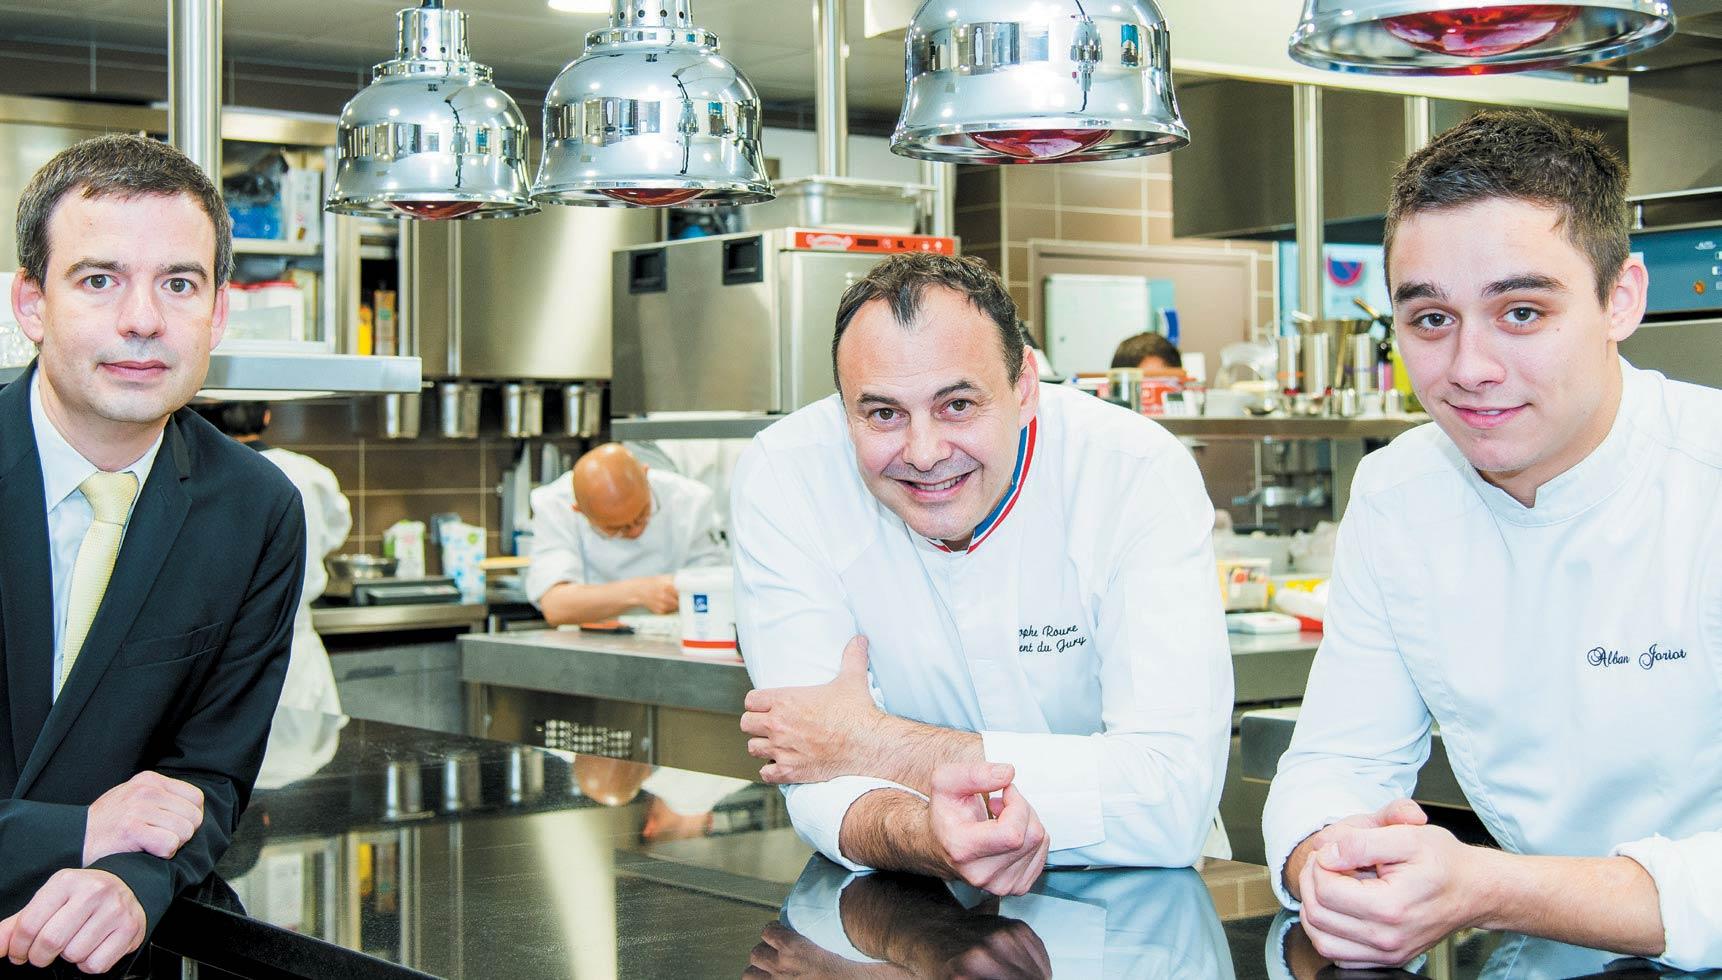 Restaurant Le Neuvième Art - Christophe Roure